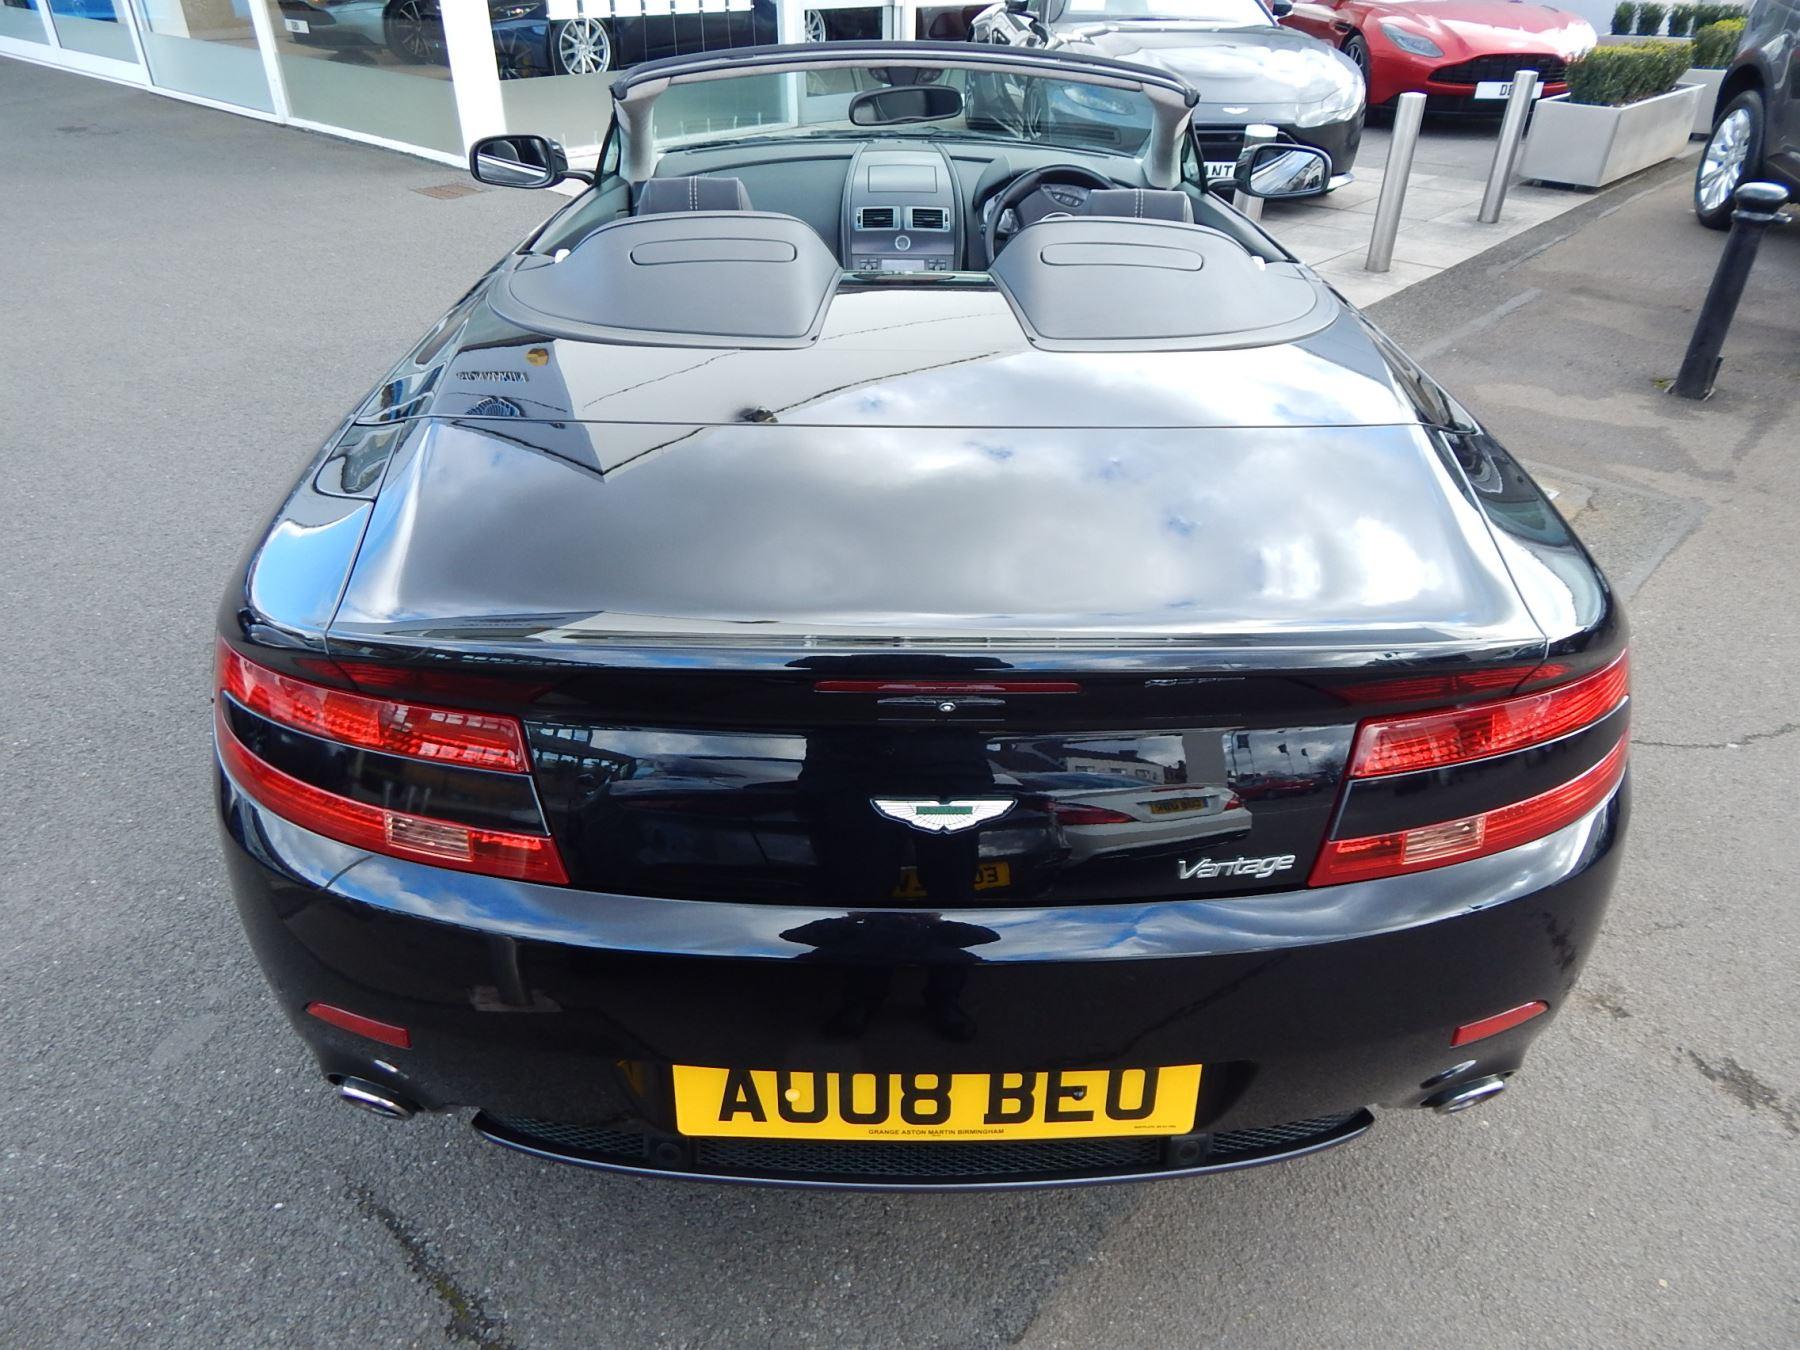 Aston Martin V8 Vantage Roadster 4.3 V8 Roadster image 18